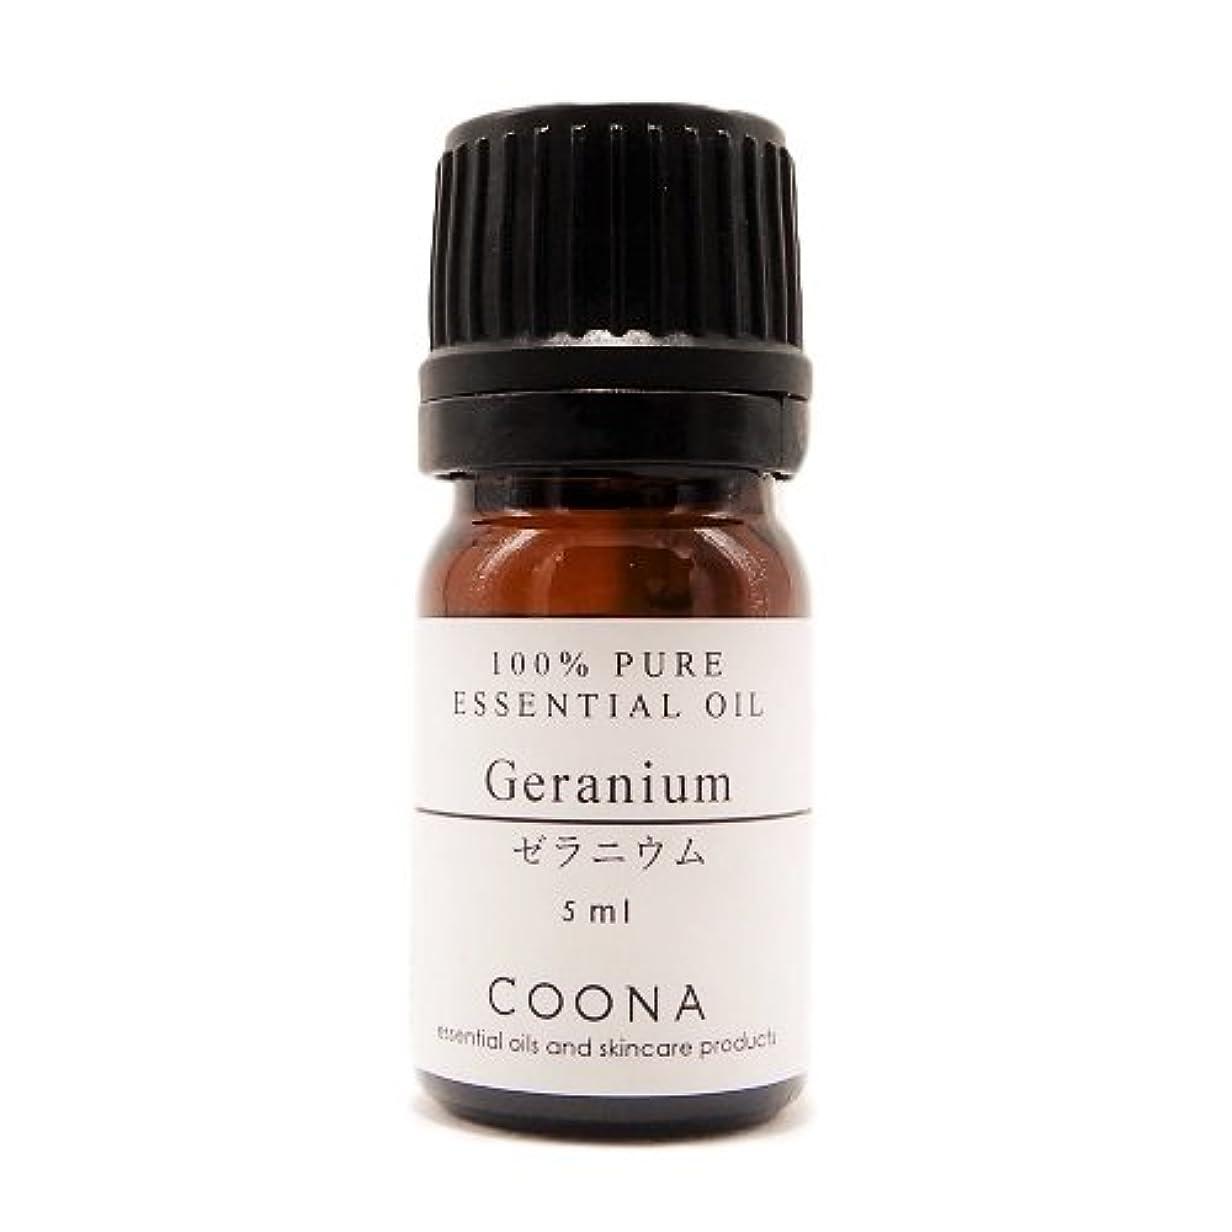 ロゴ職業些細なゼラニウム 5ml (COONA エッセンシャルオイル アロマオイル 100%天然植物精油)